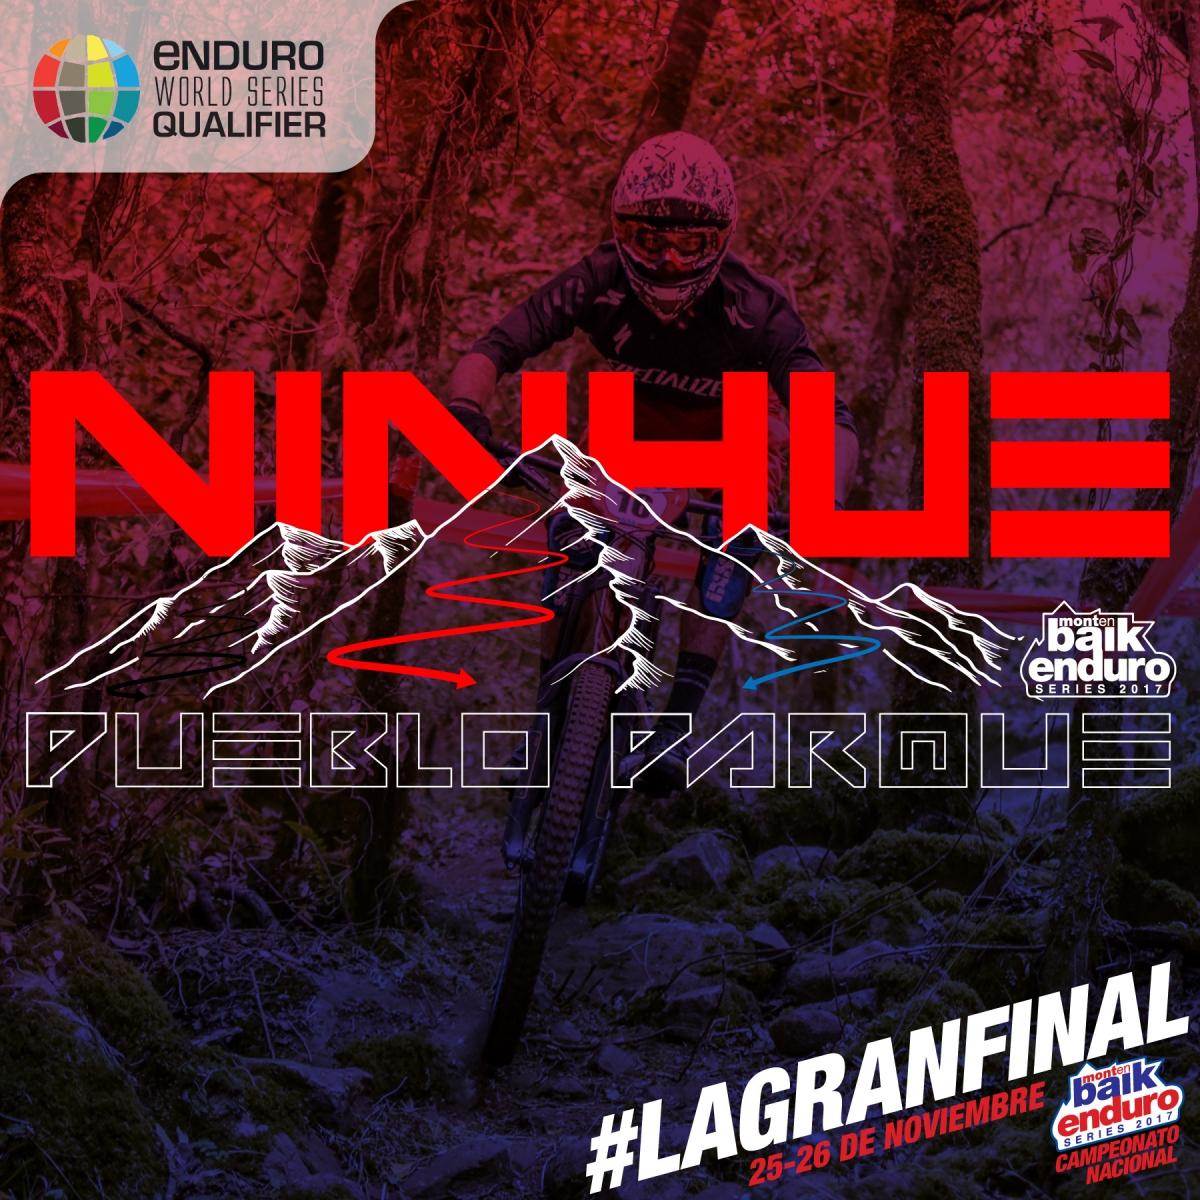 Campeonato Nacional Montenbaik Enduro Series - Ninhue 2017 - Final